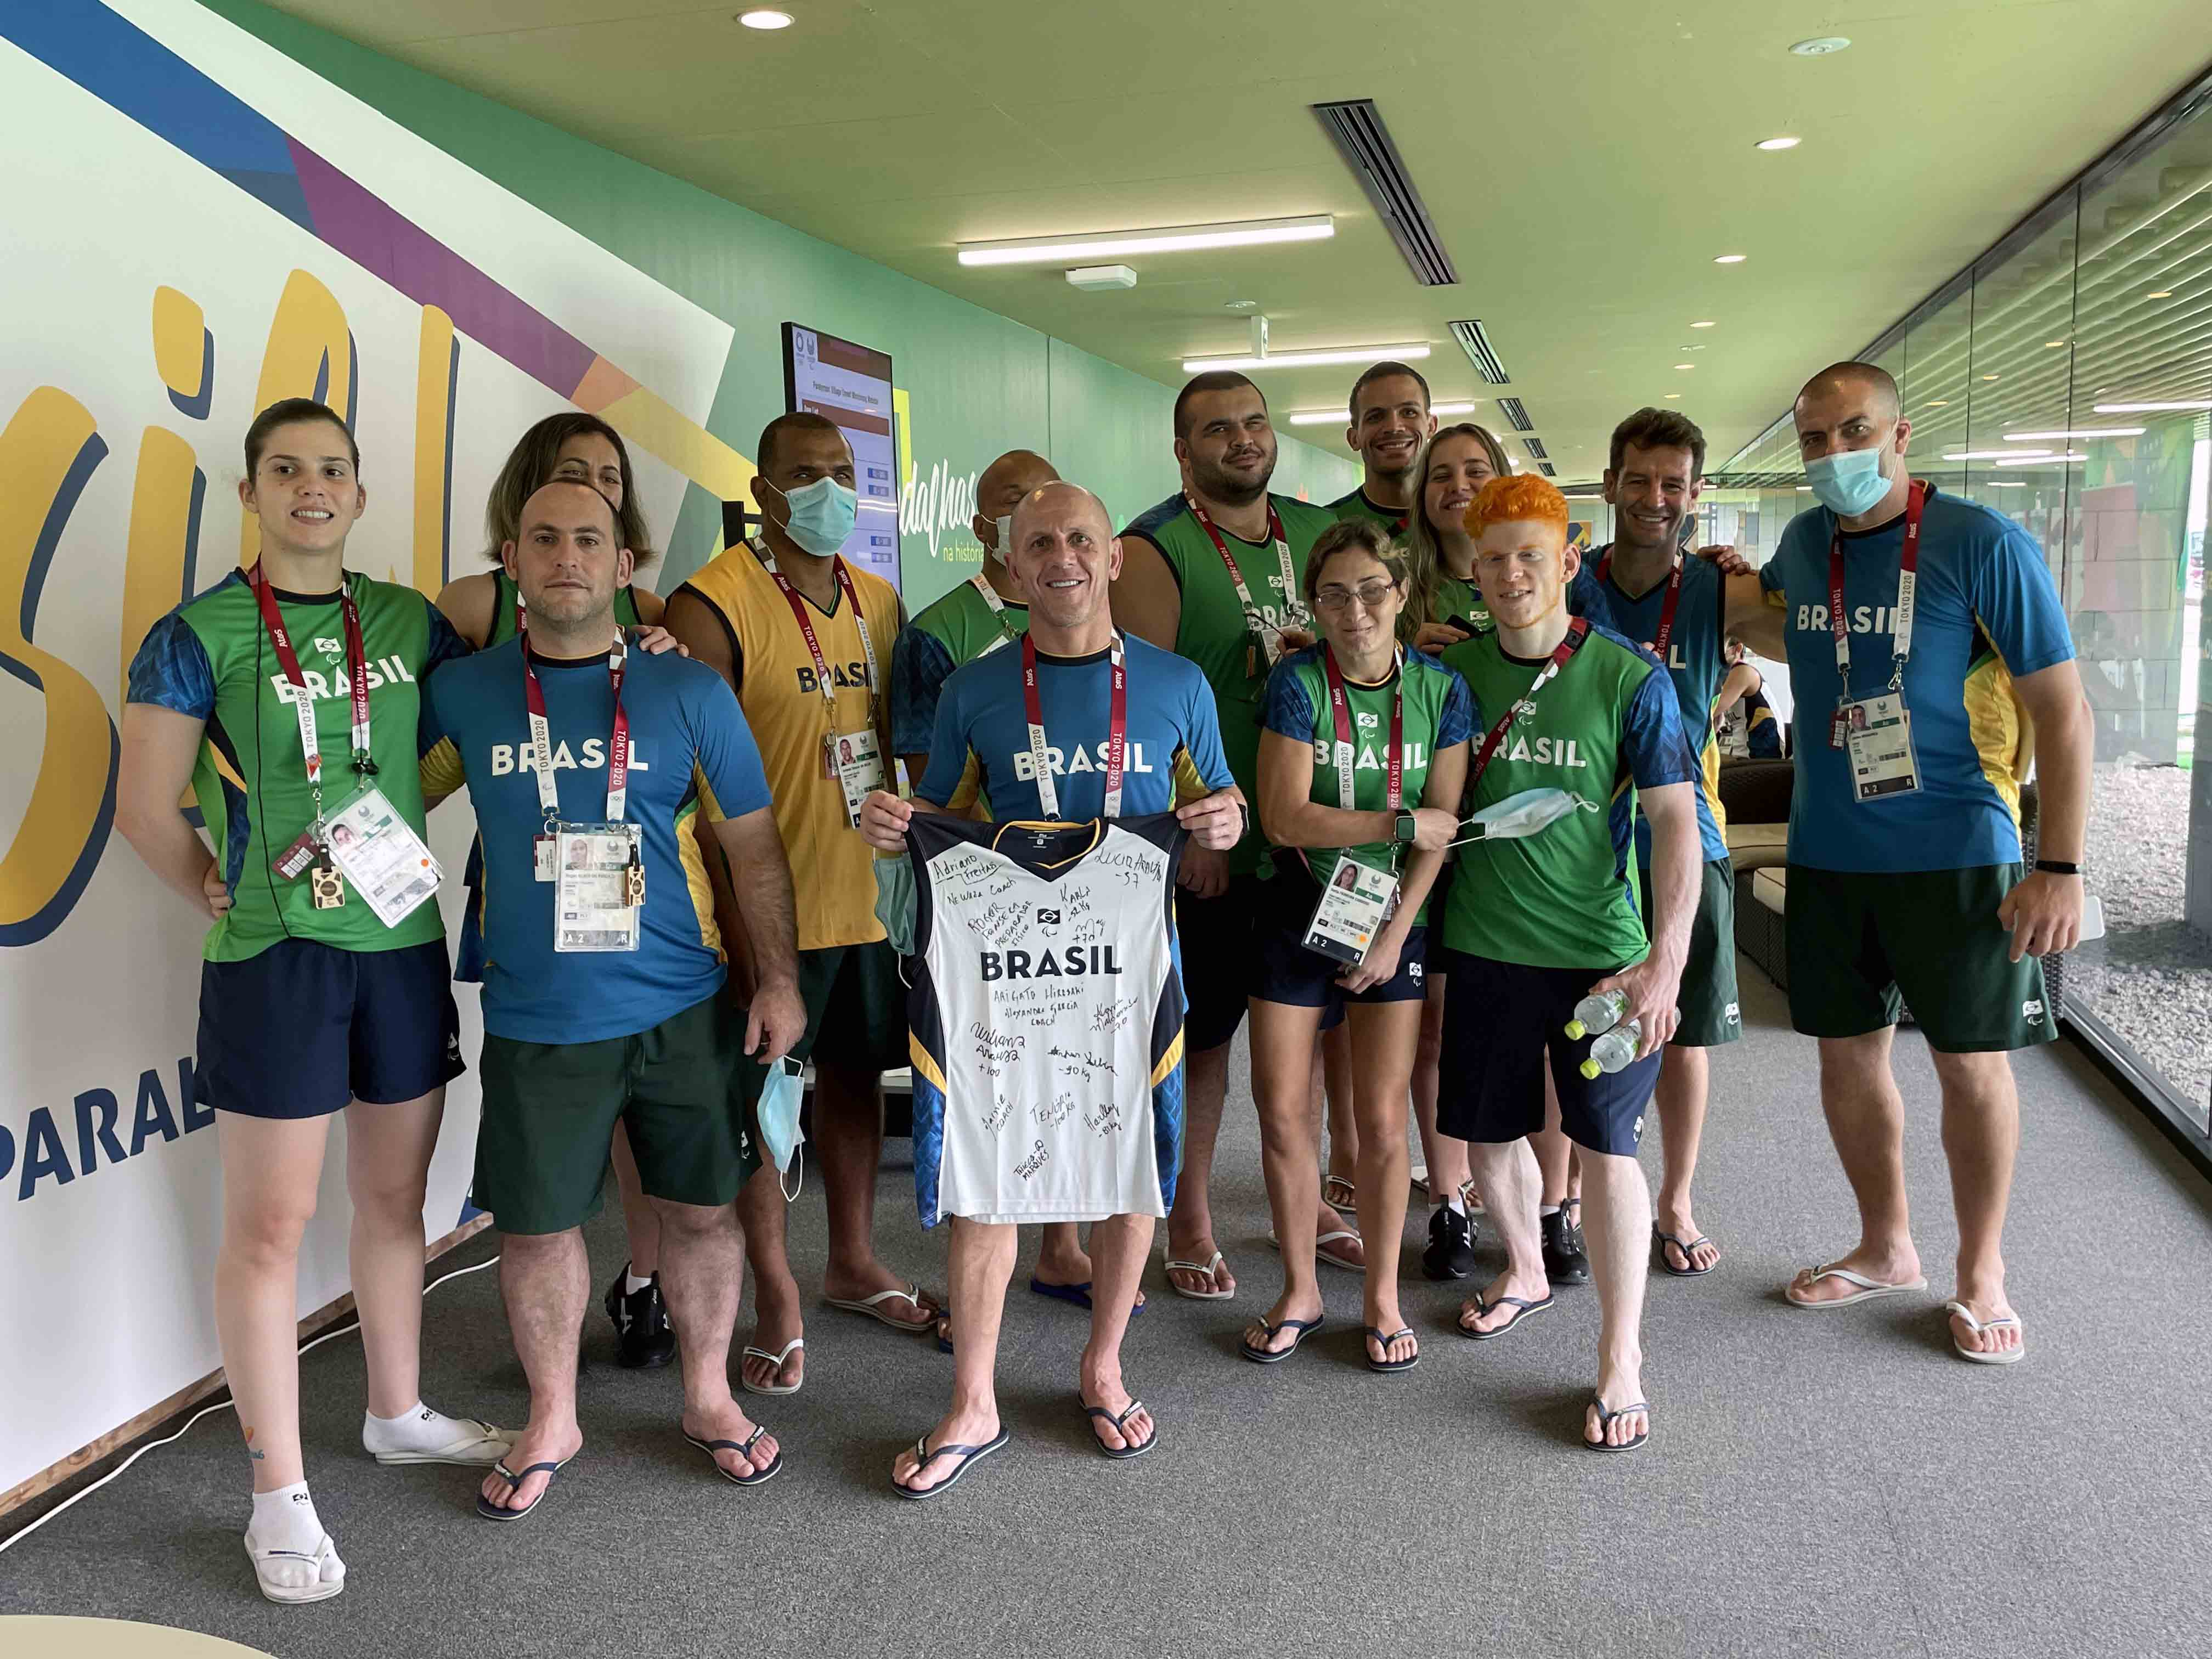 東京2020パラリンピック大会のブラジル代表チーム(後列左から2人目がテノリオ選手)。